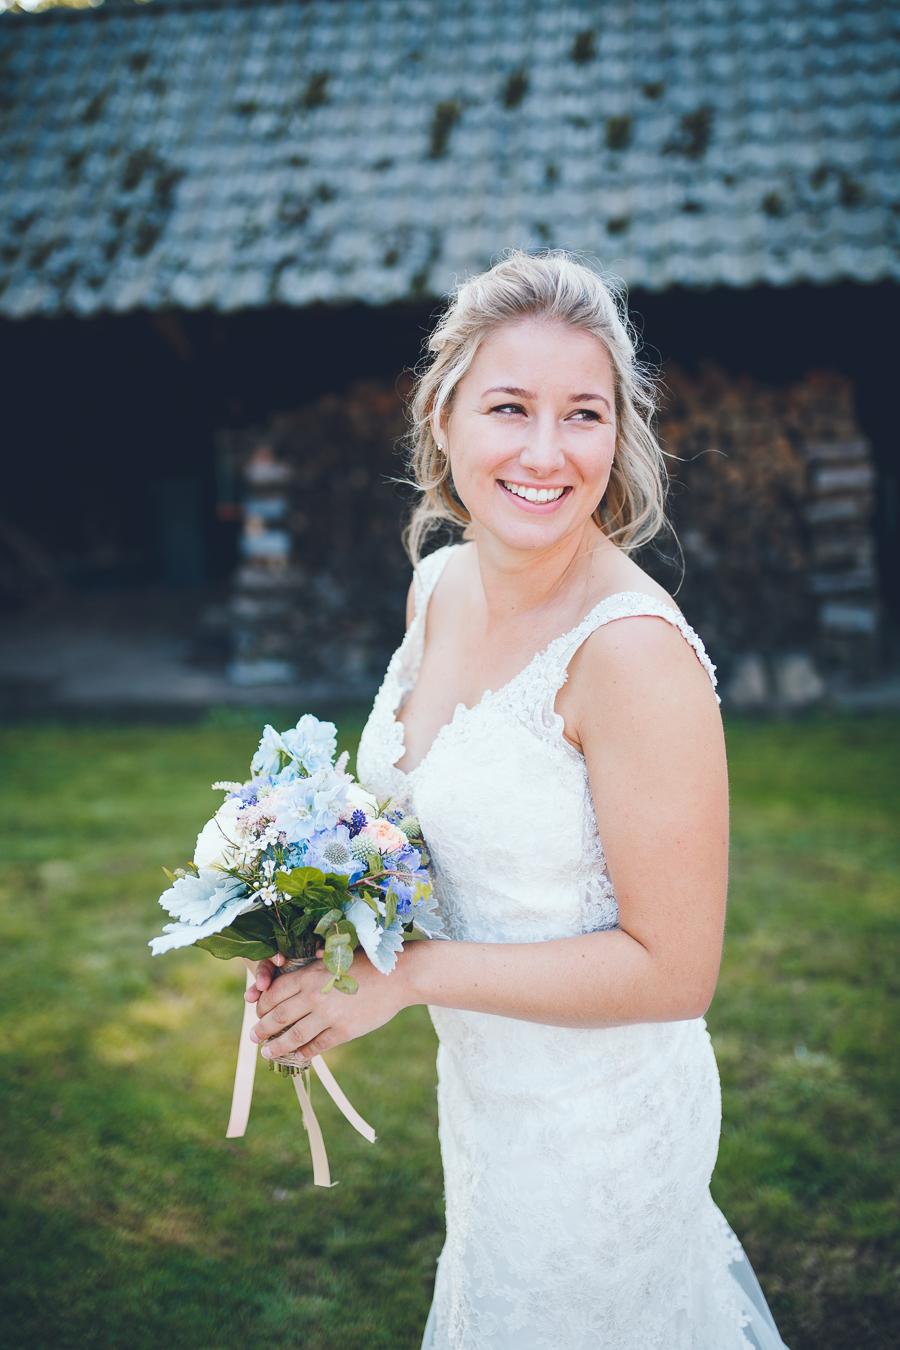 Bruid met boeket in haar handen kijkt over haar schouder weg tijdens bruiloft thuis op erf van oude boerderij trouwfotograaf Apeldoorn